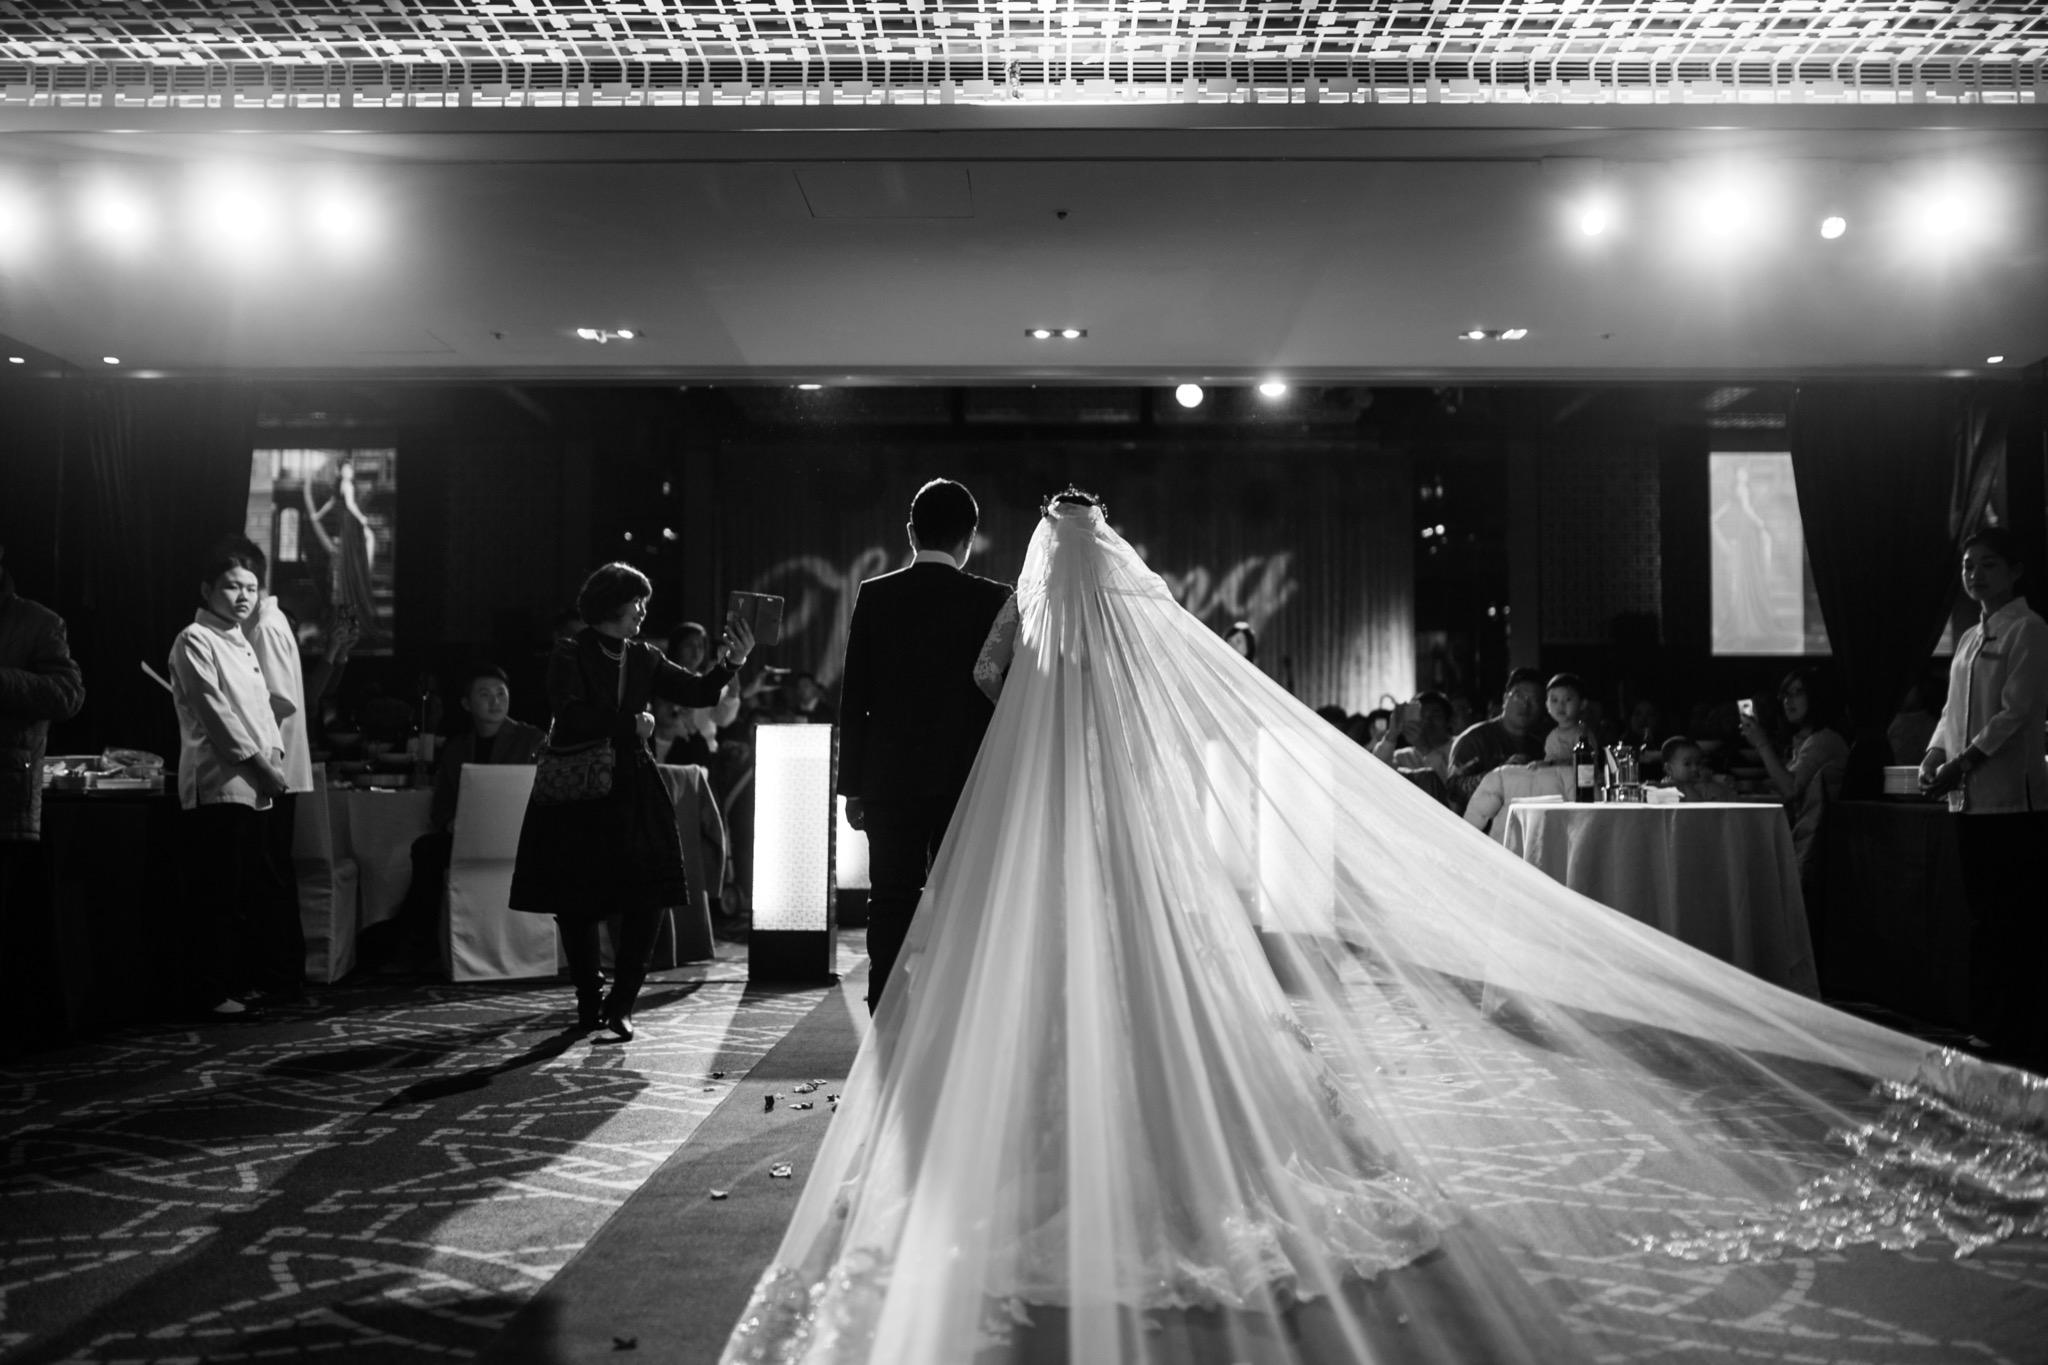 台北晶華酒店婚禮儀式,台中婚錄推薦45